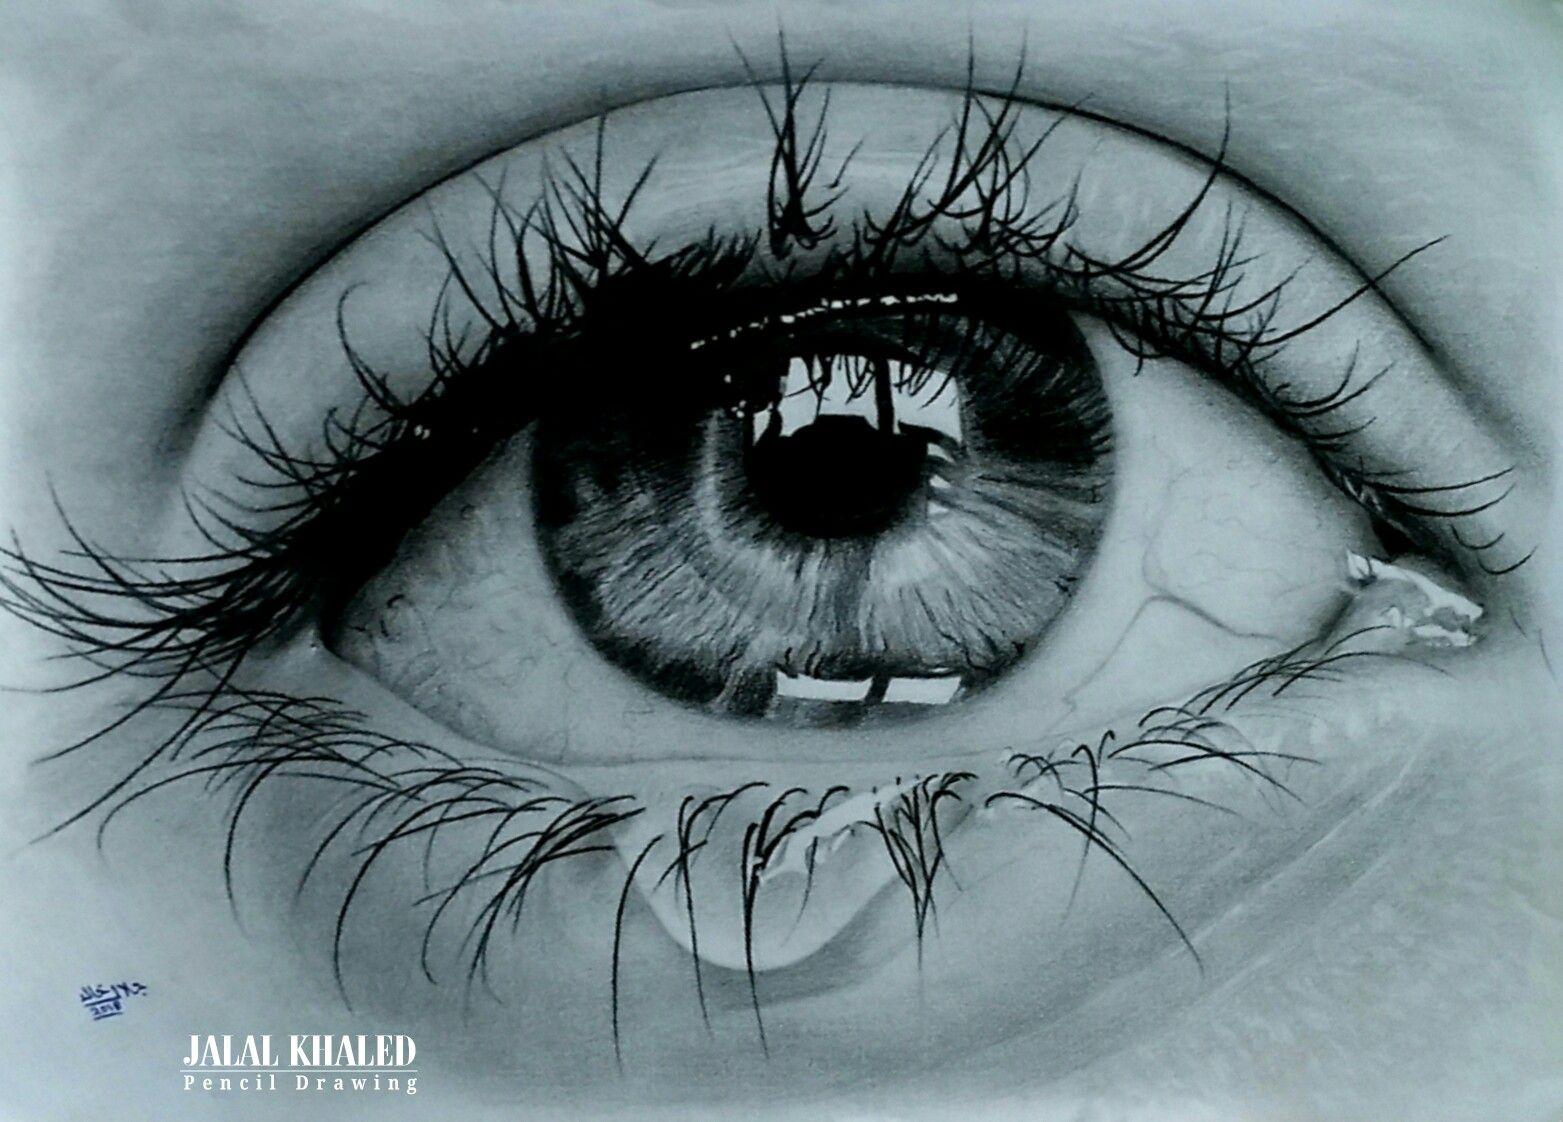 Pencil Drawing Hd Eye Tear By Jalal Khaled Crying Eyes Eyes Artwork Tears In Eyes